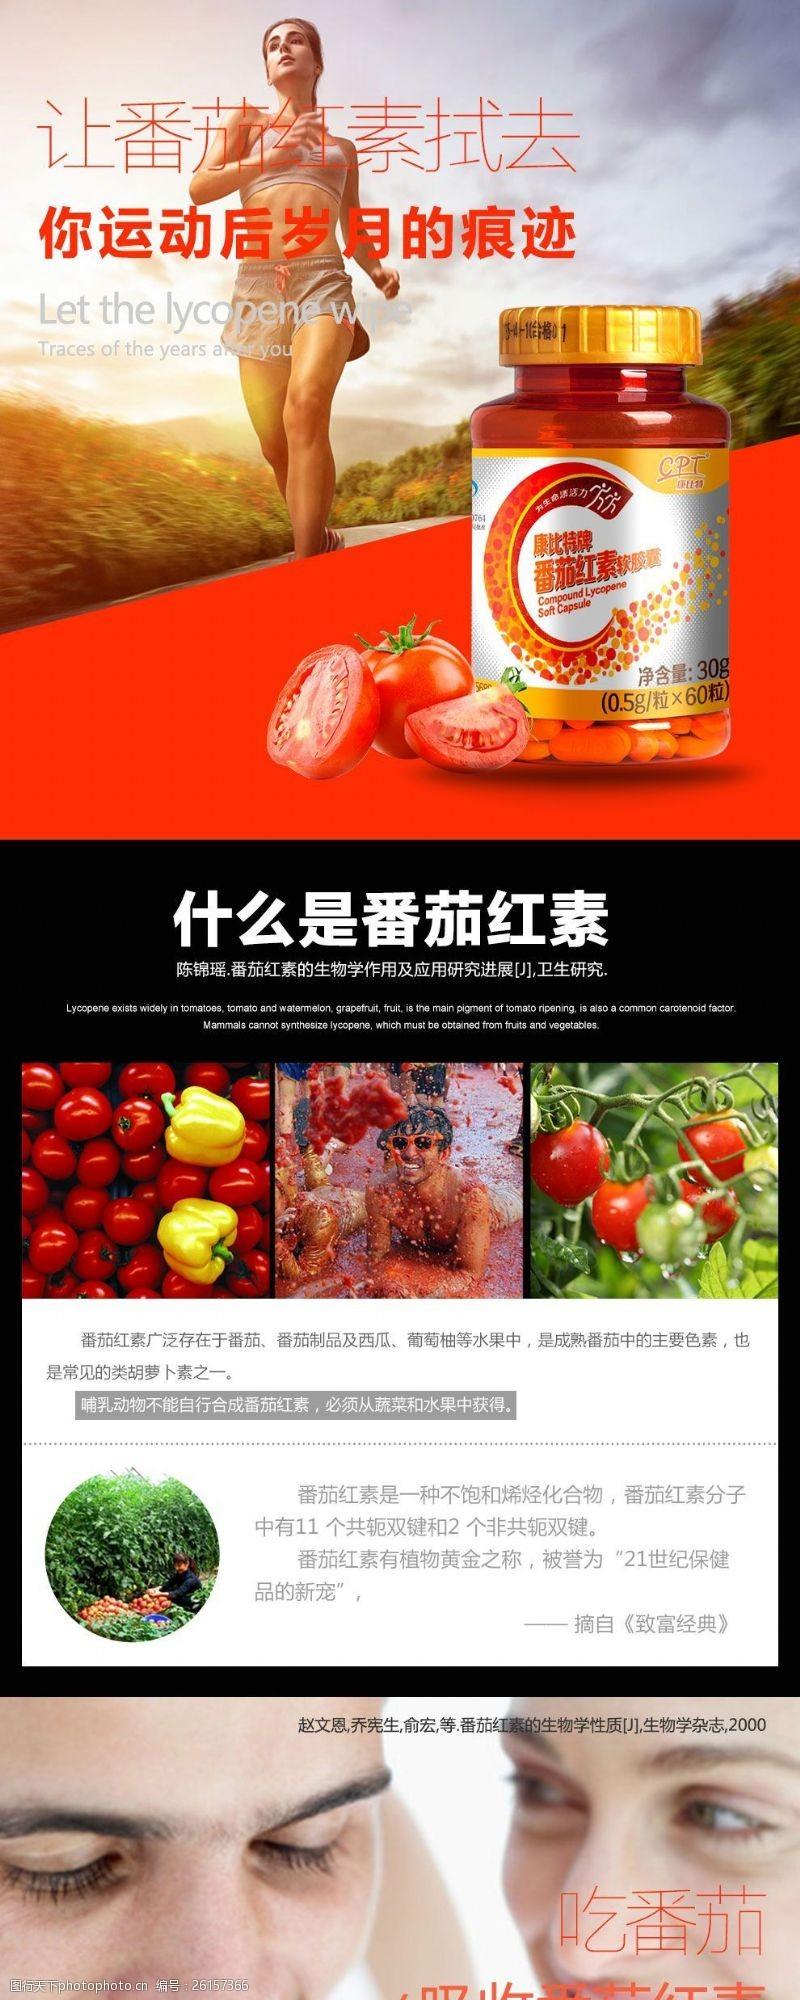 宝贝页炽金系列—番茄红素软胶囊